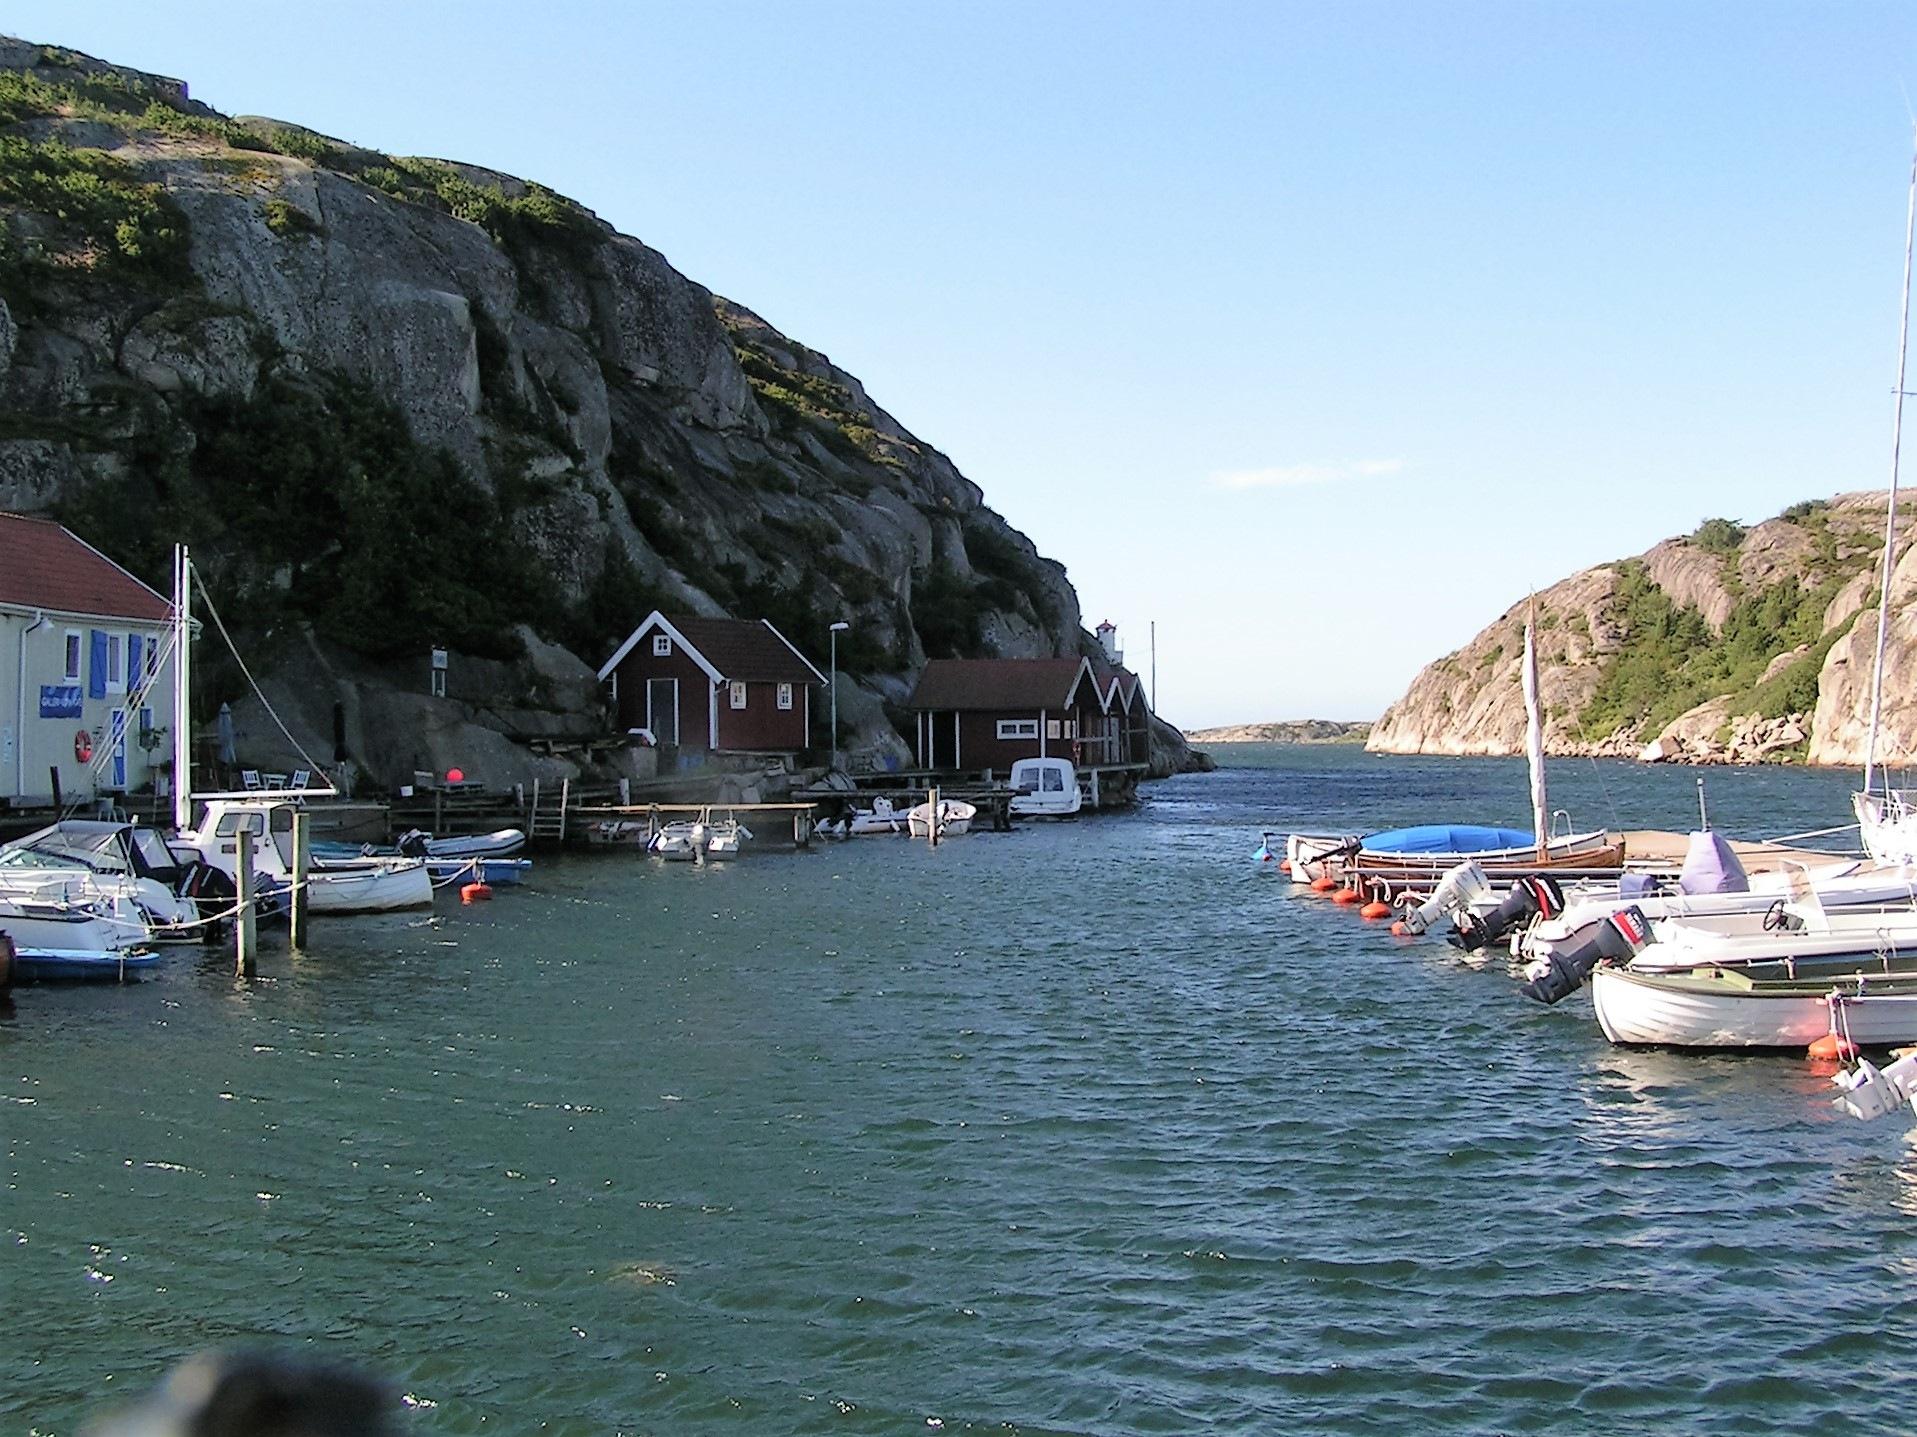 Fjällbacka, Bohuslän archipelago by larsowe.gothe